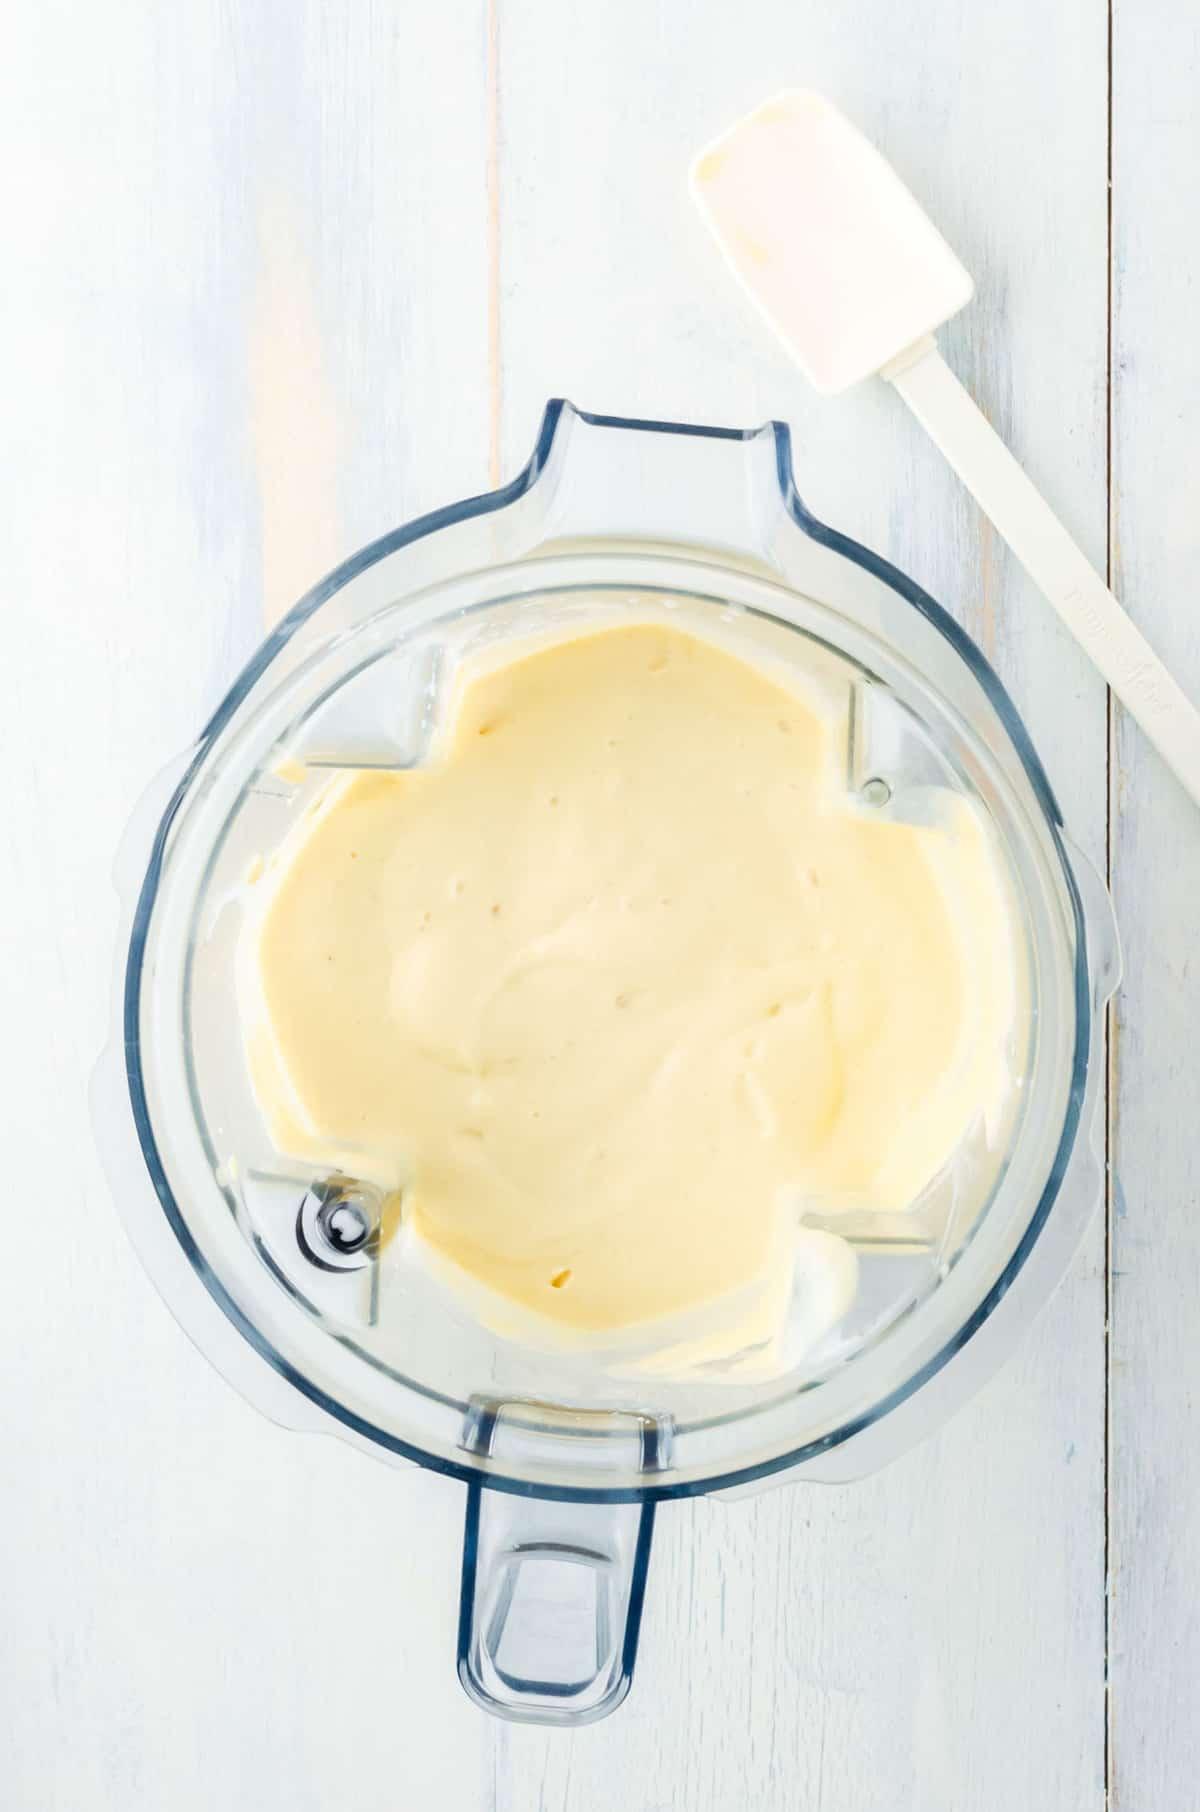 Blended smoothie in a blender jar.